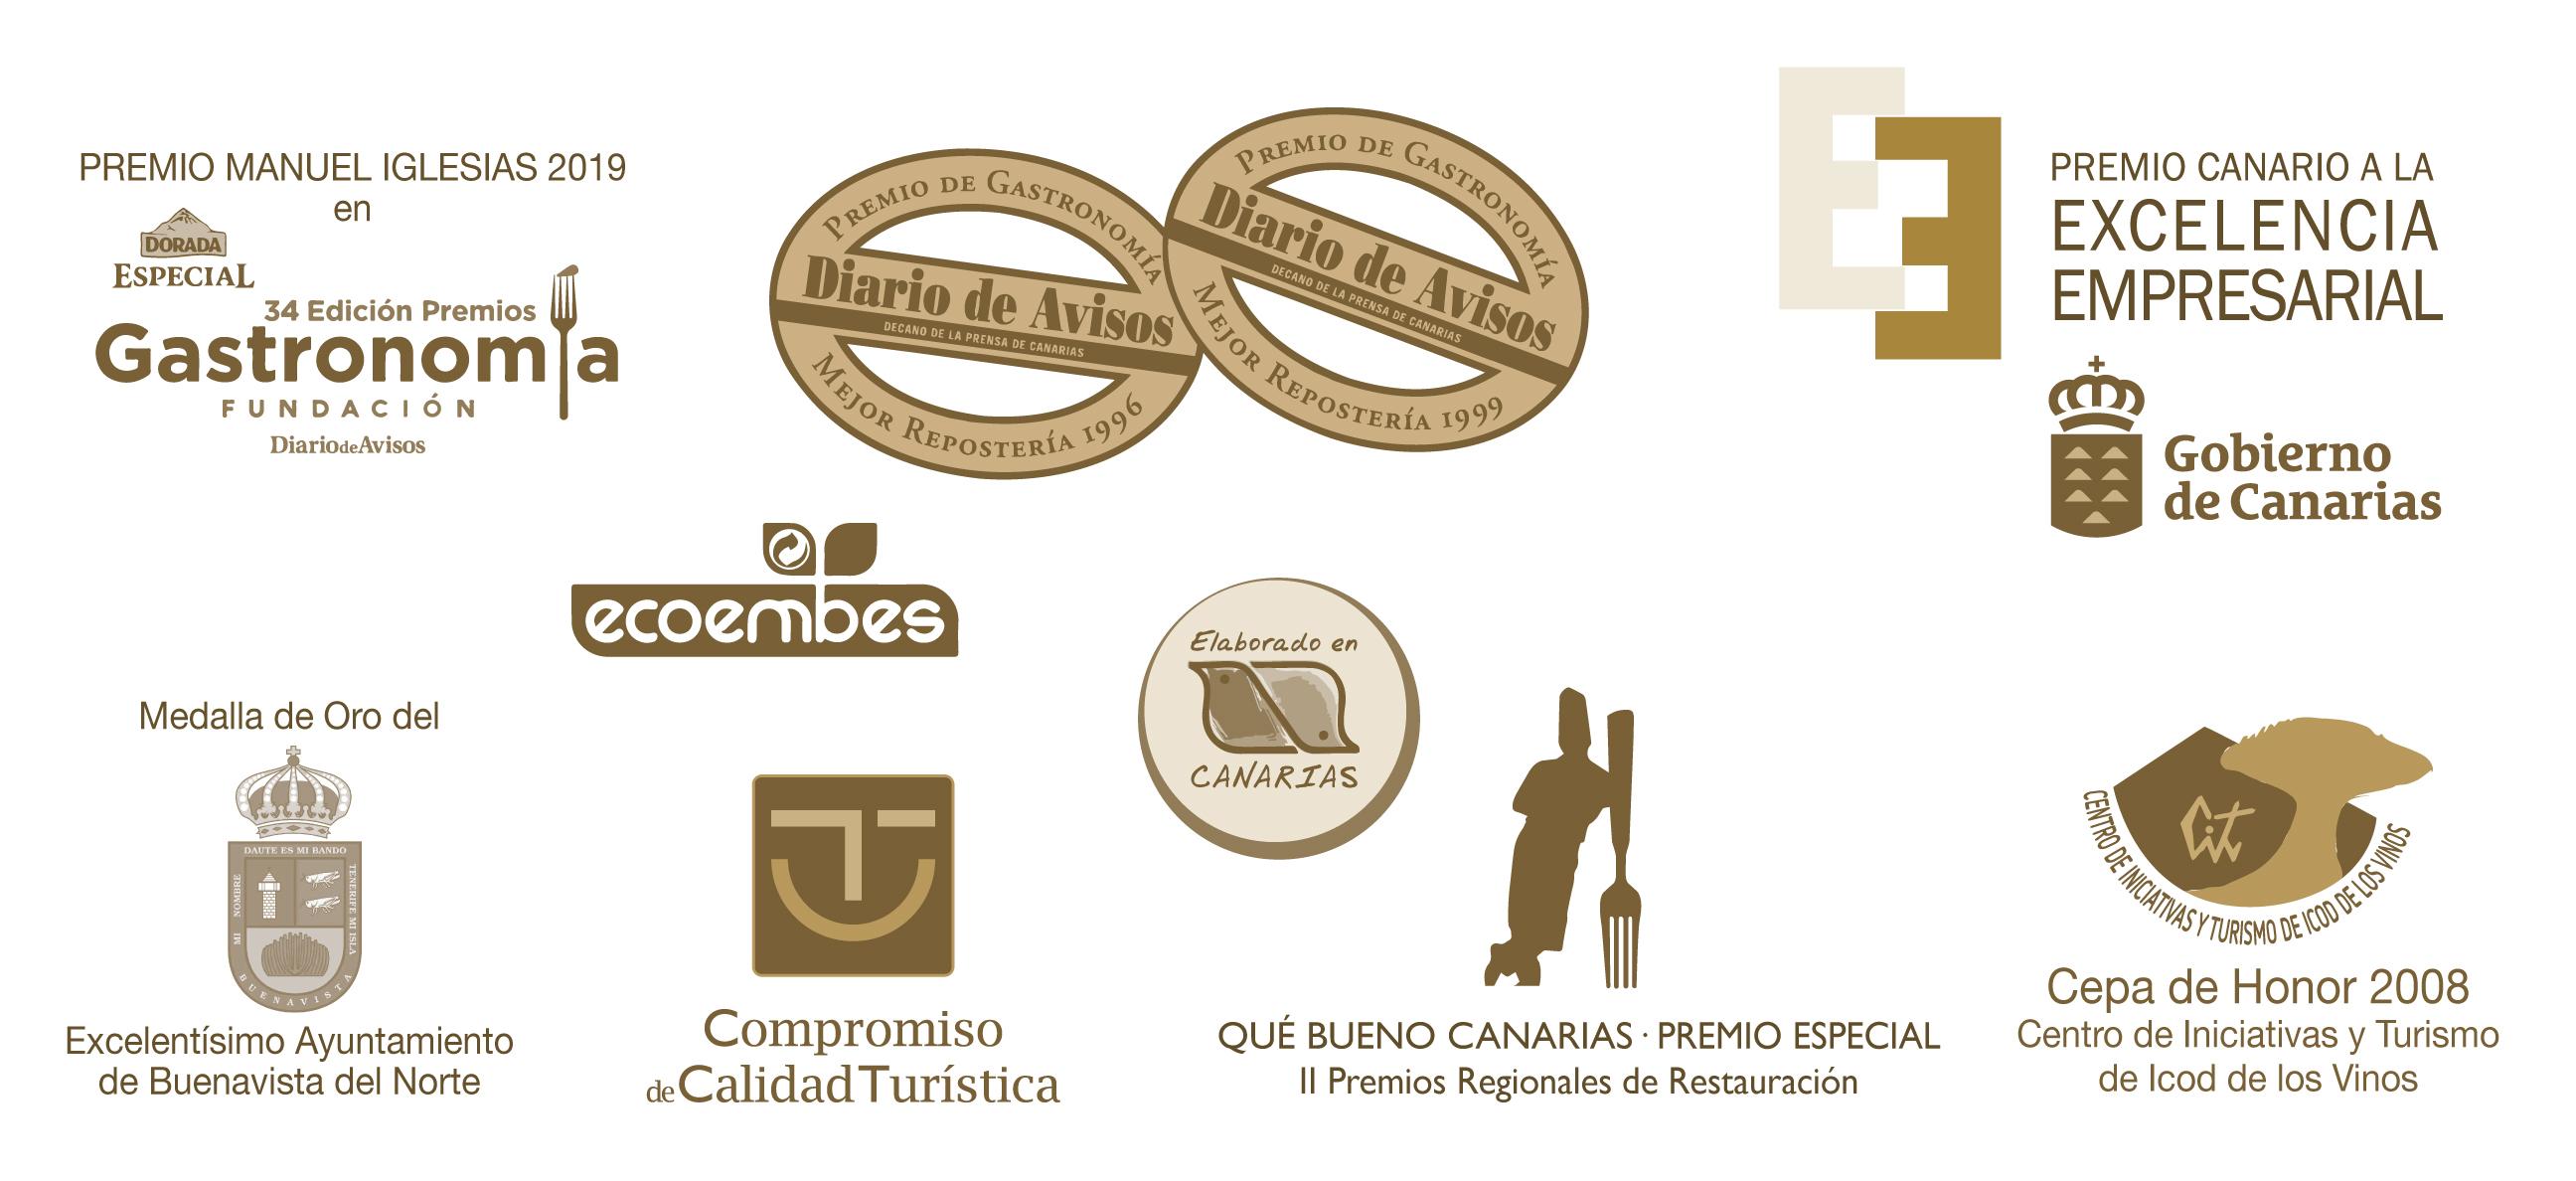 premios y certificaciones - El Aderno